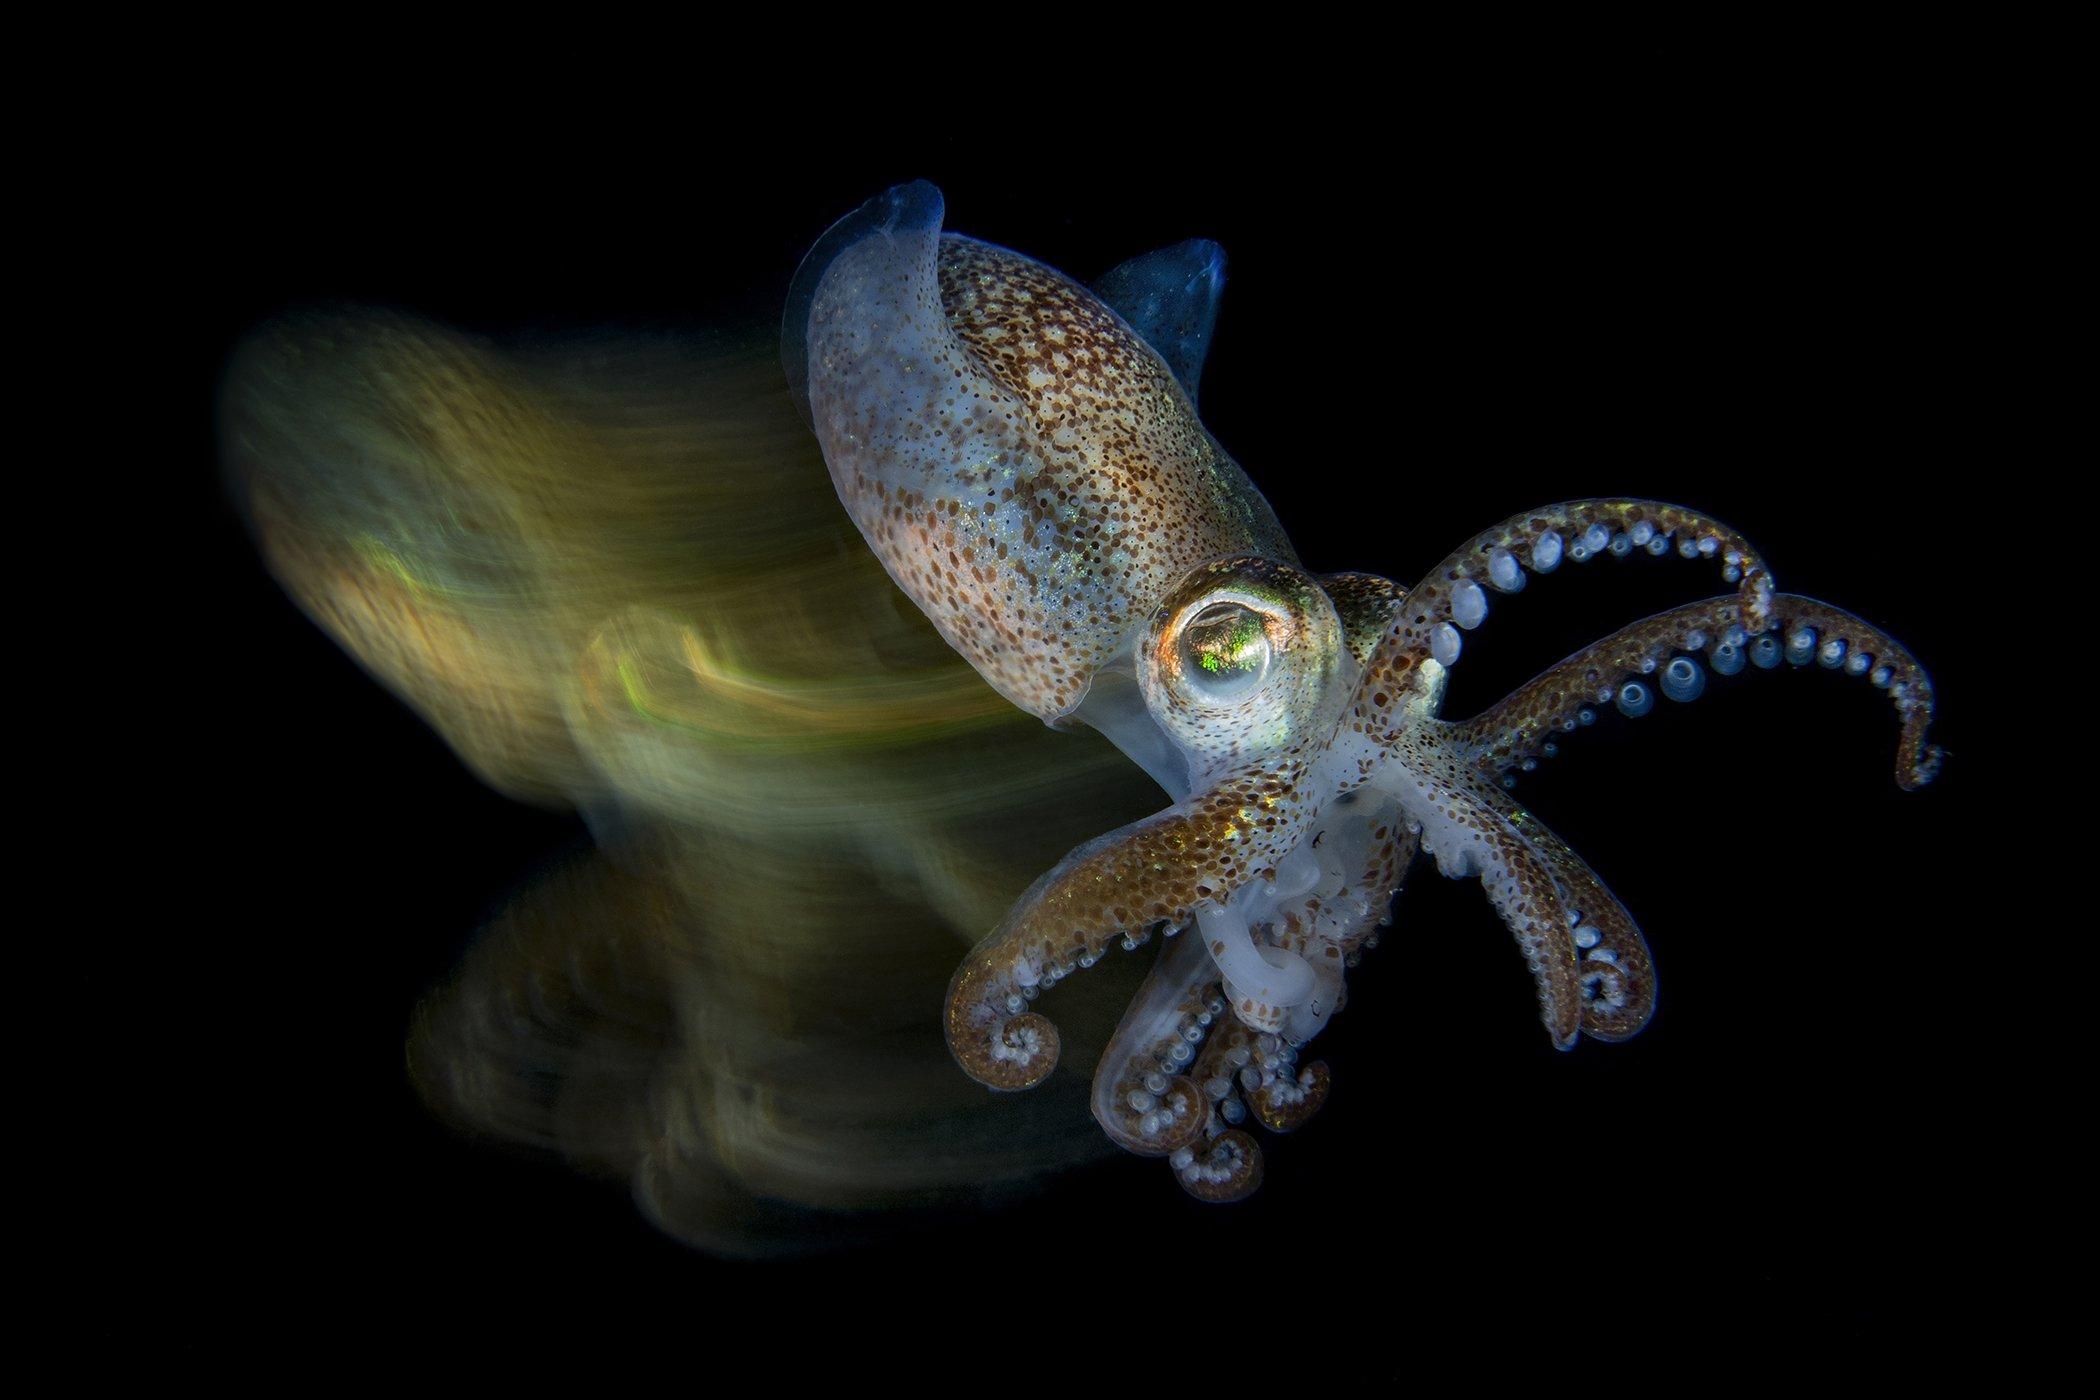 UnderwaterPhotographerOfTheYear_201FabioFabioIardino_003.jpg